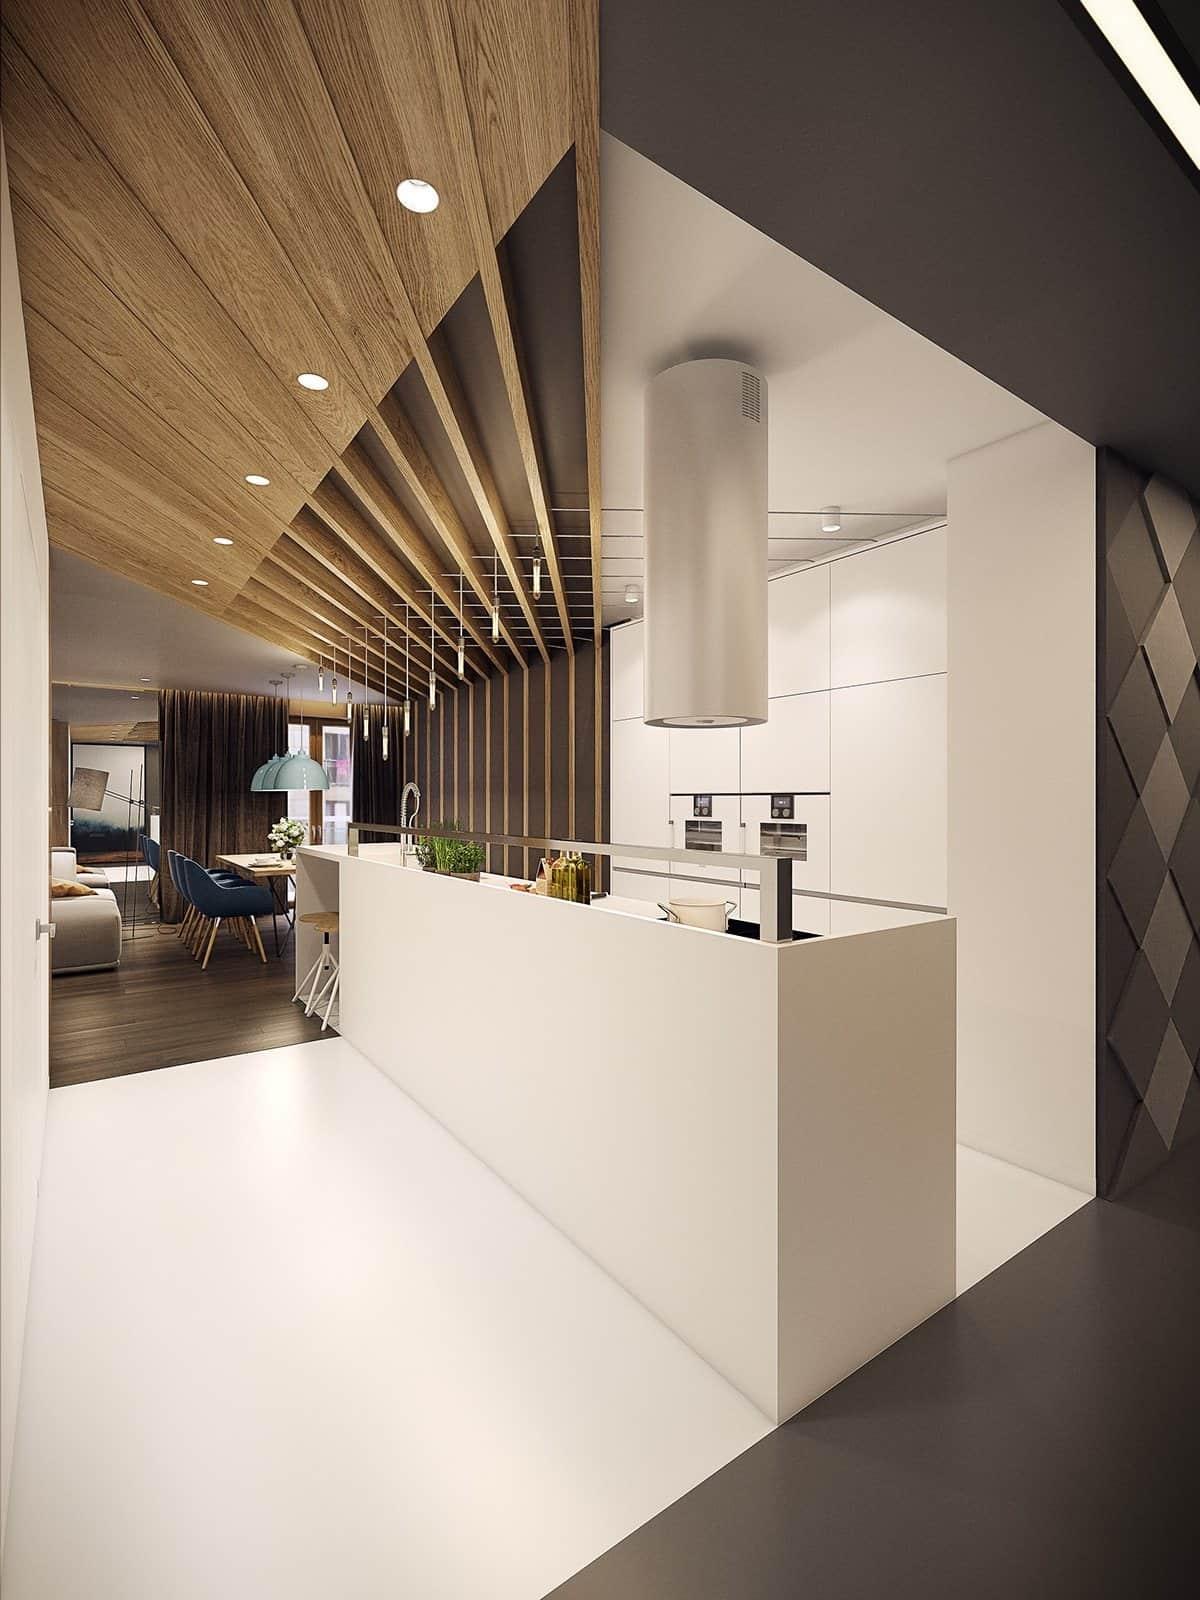 При правильном подходе, потолок способен стать фокусной точкой всего интерьера